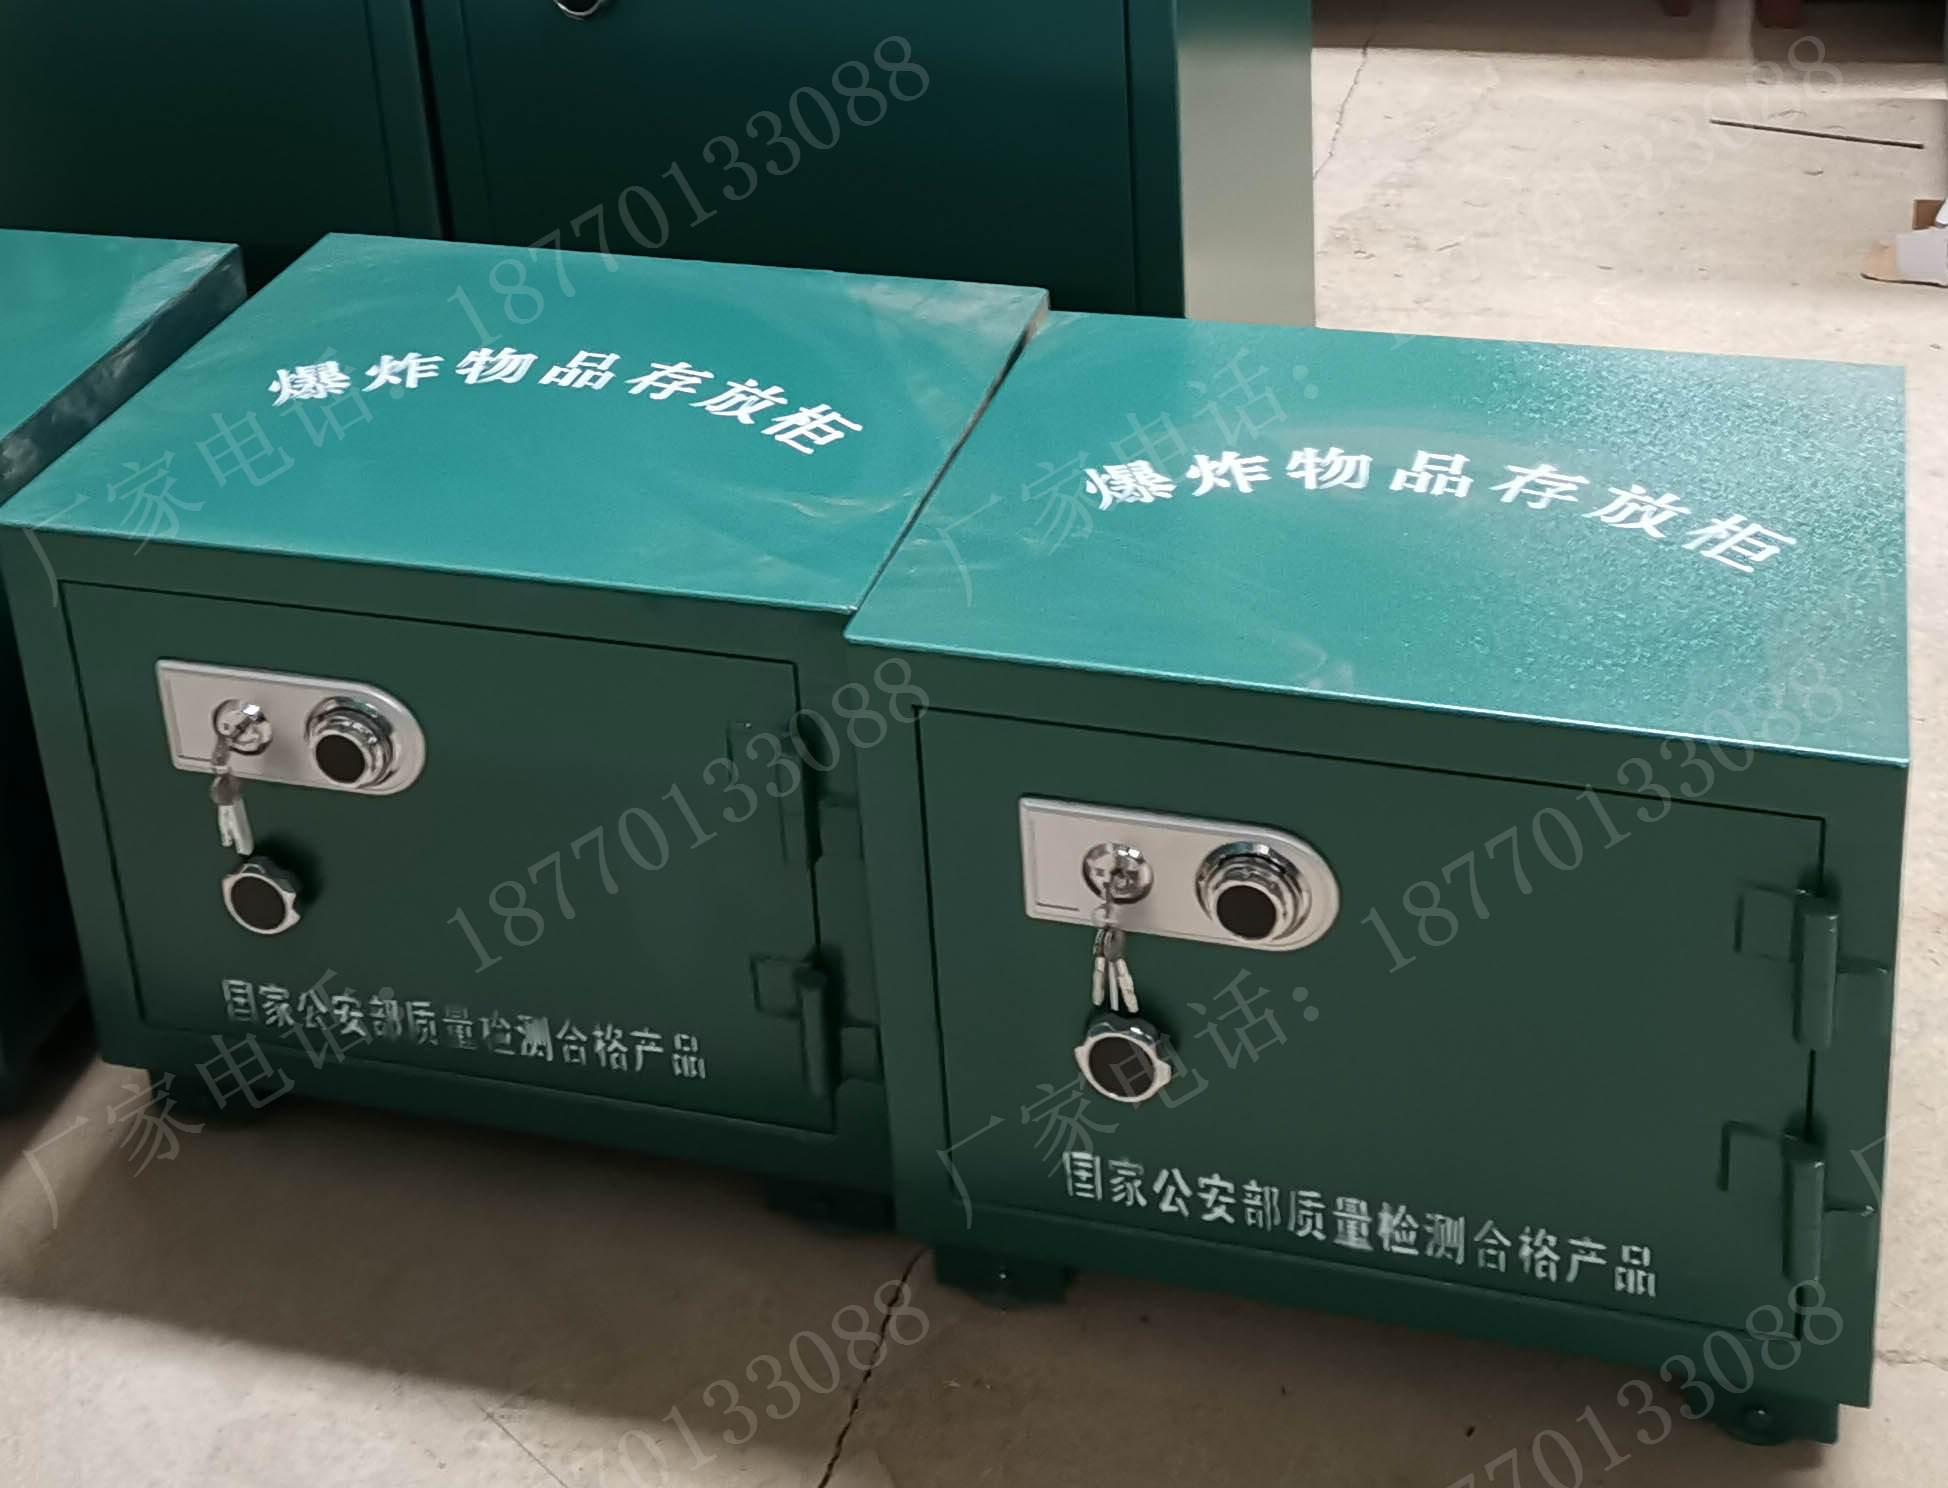 存储yabox10柜子,炸药yabox10存放柜,存放yabox10柜厂家